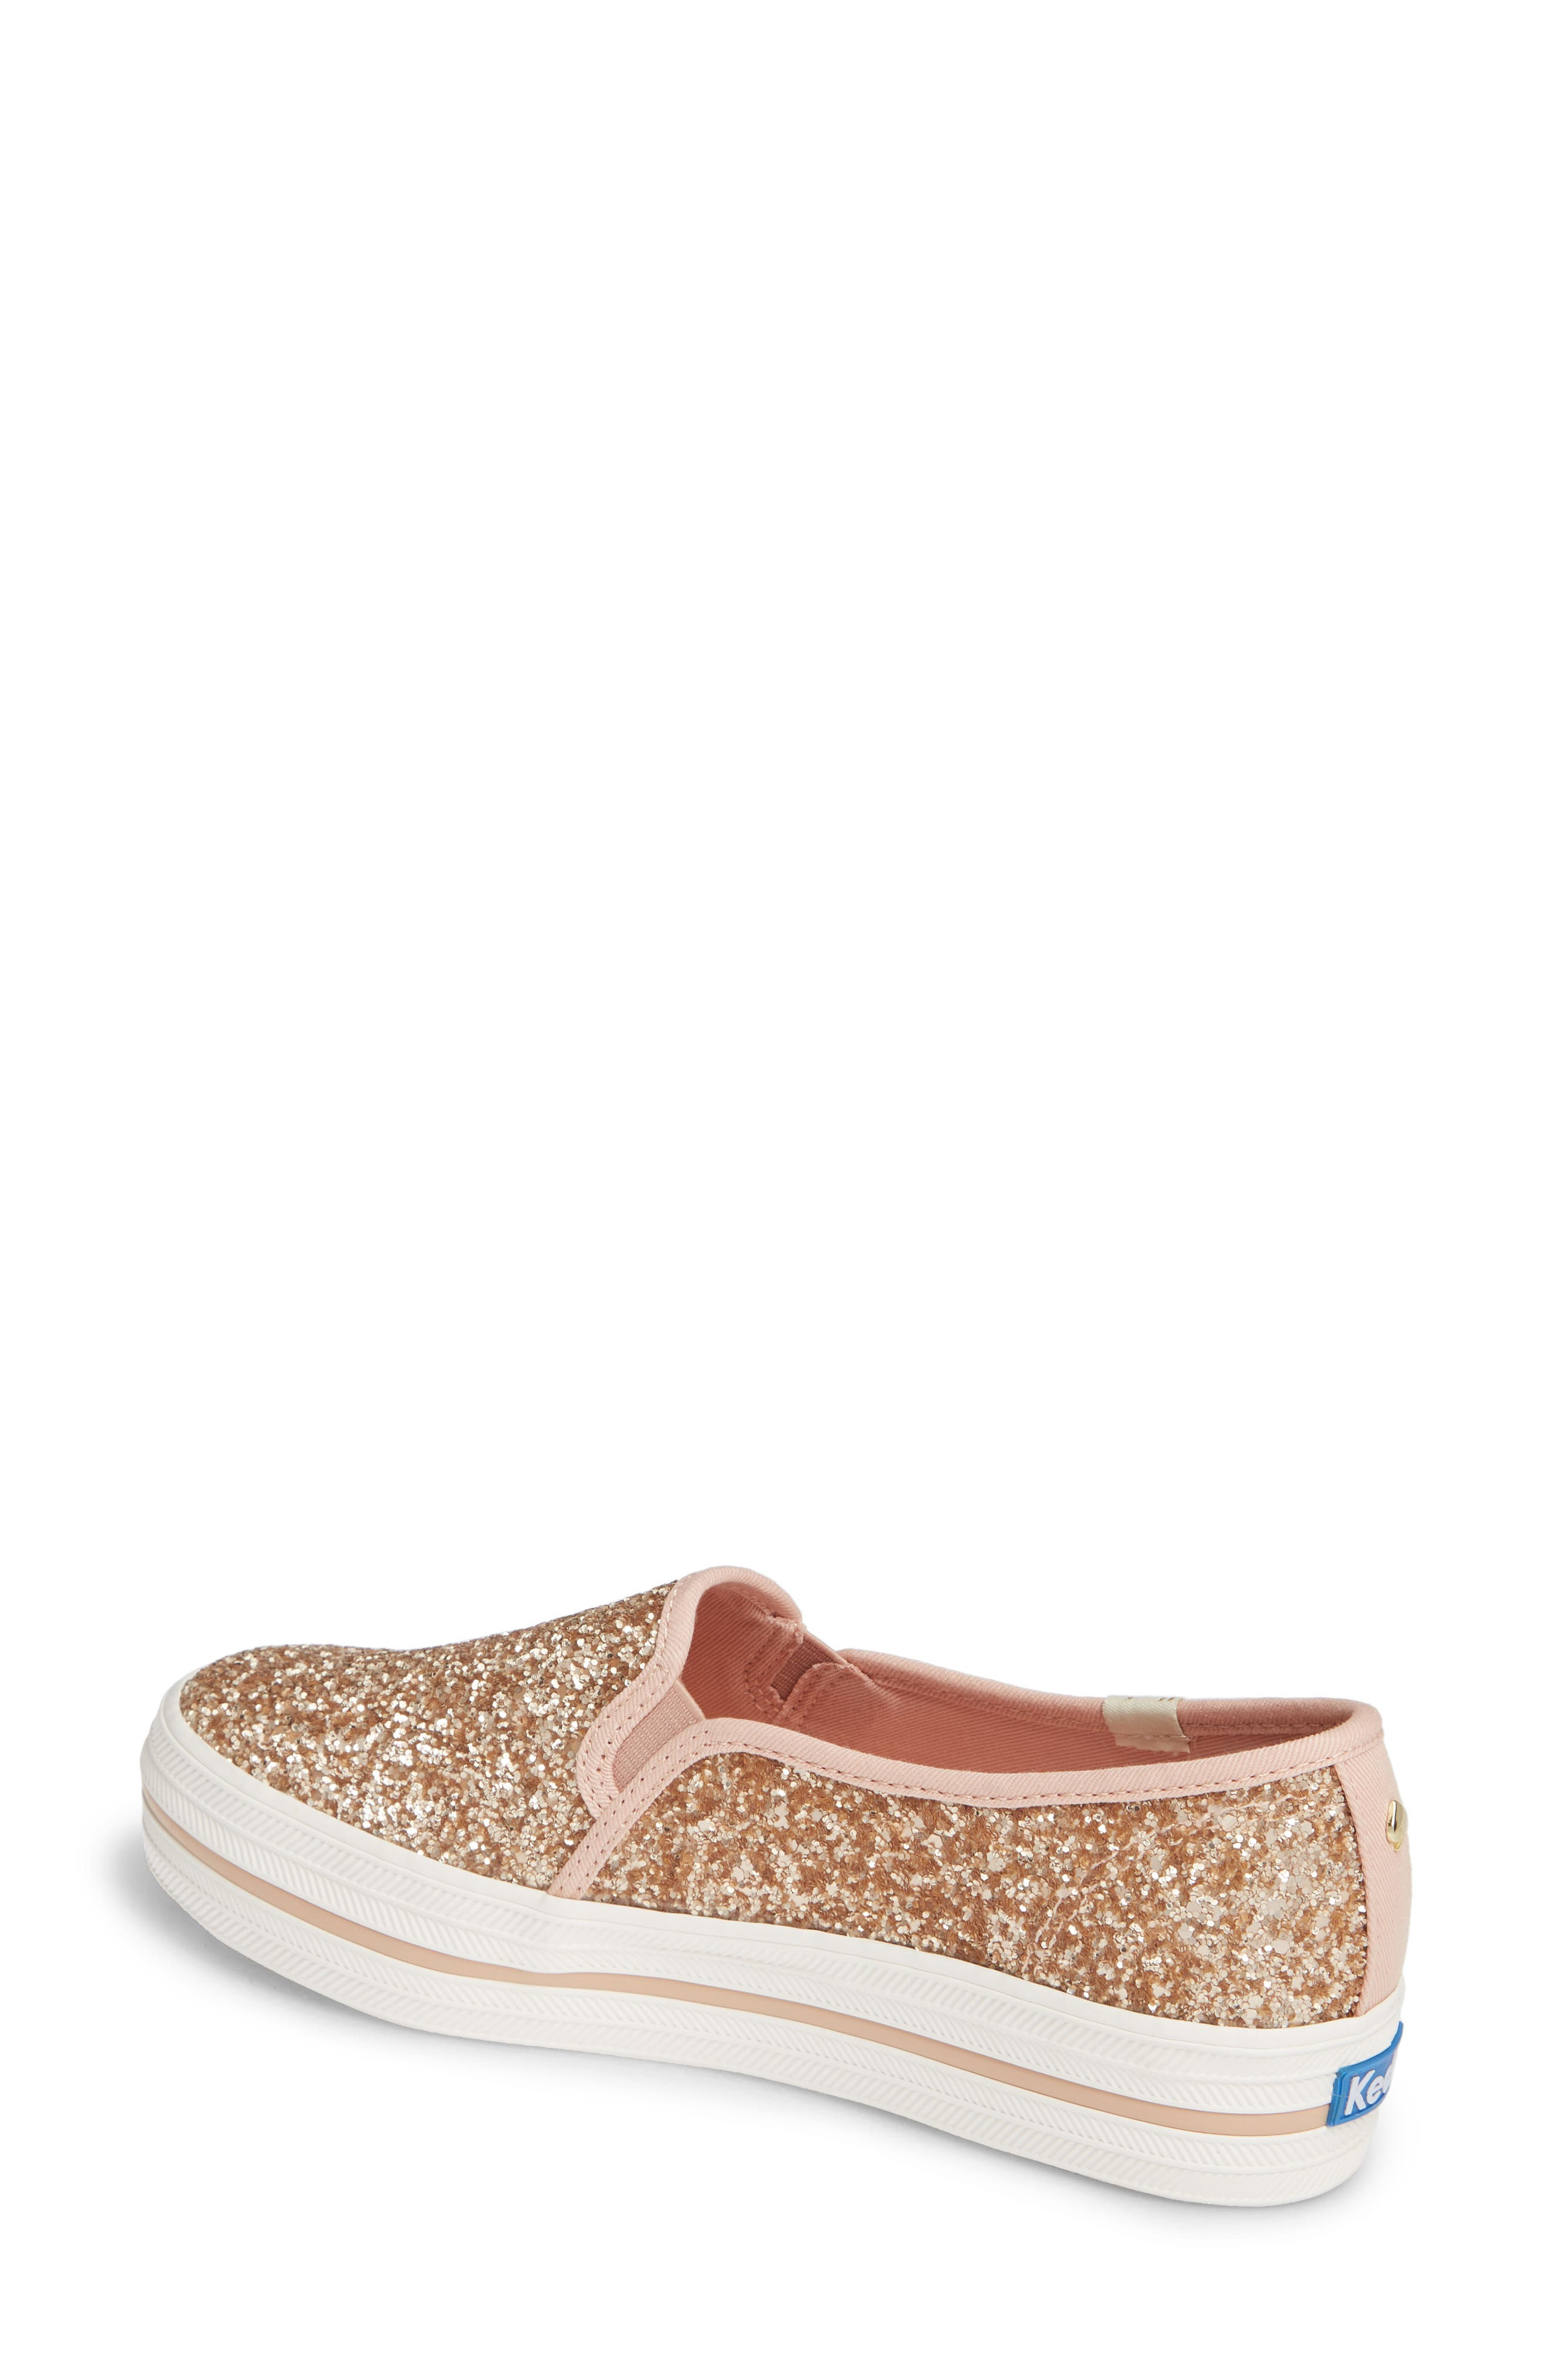 KEDS<SUP>®</SUP> FOR KATE SPADE NEW YORK, triple decker glitter slip-on sneaker, Alternate thumbnail 2, color, ROSE GOLD